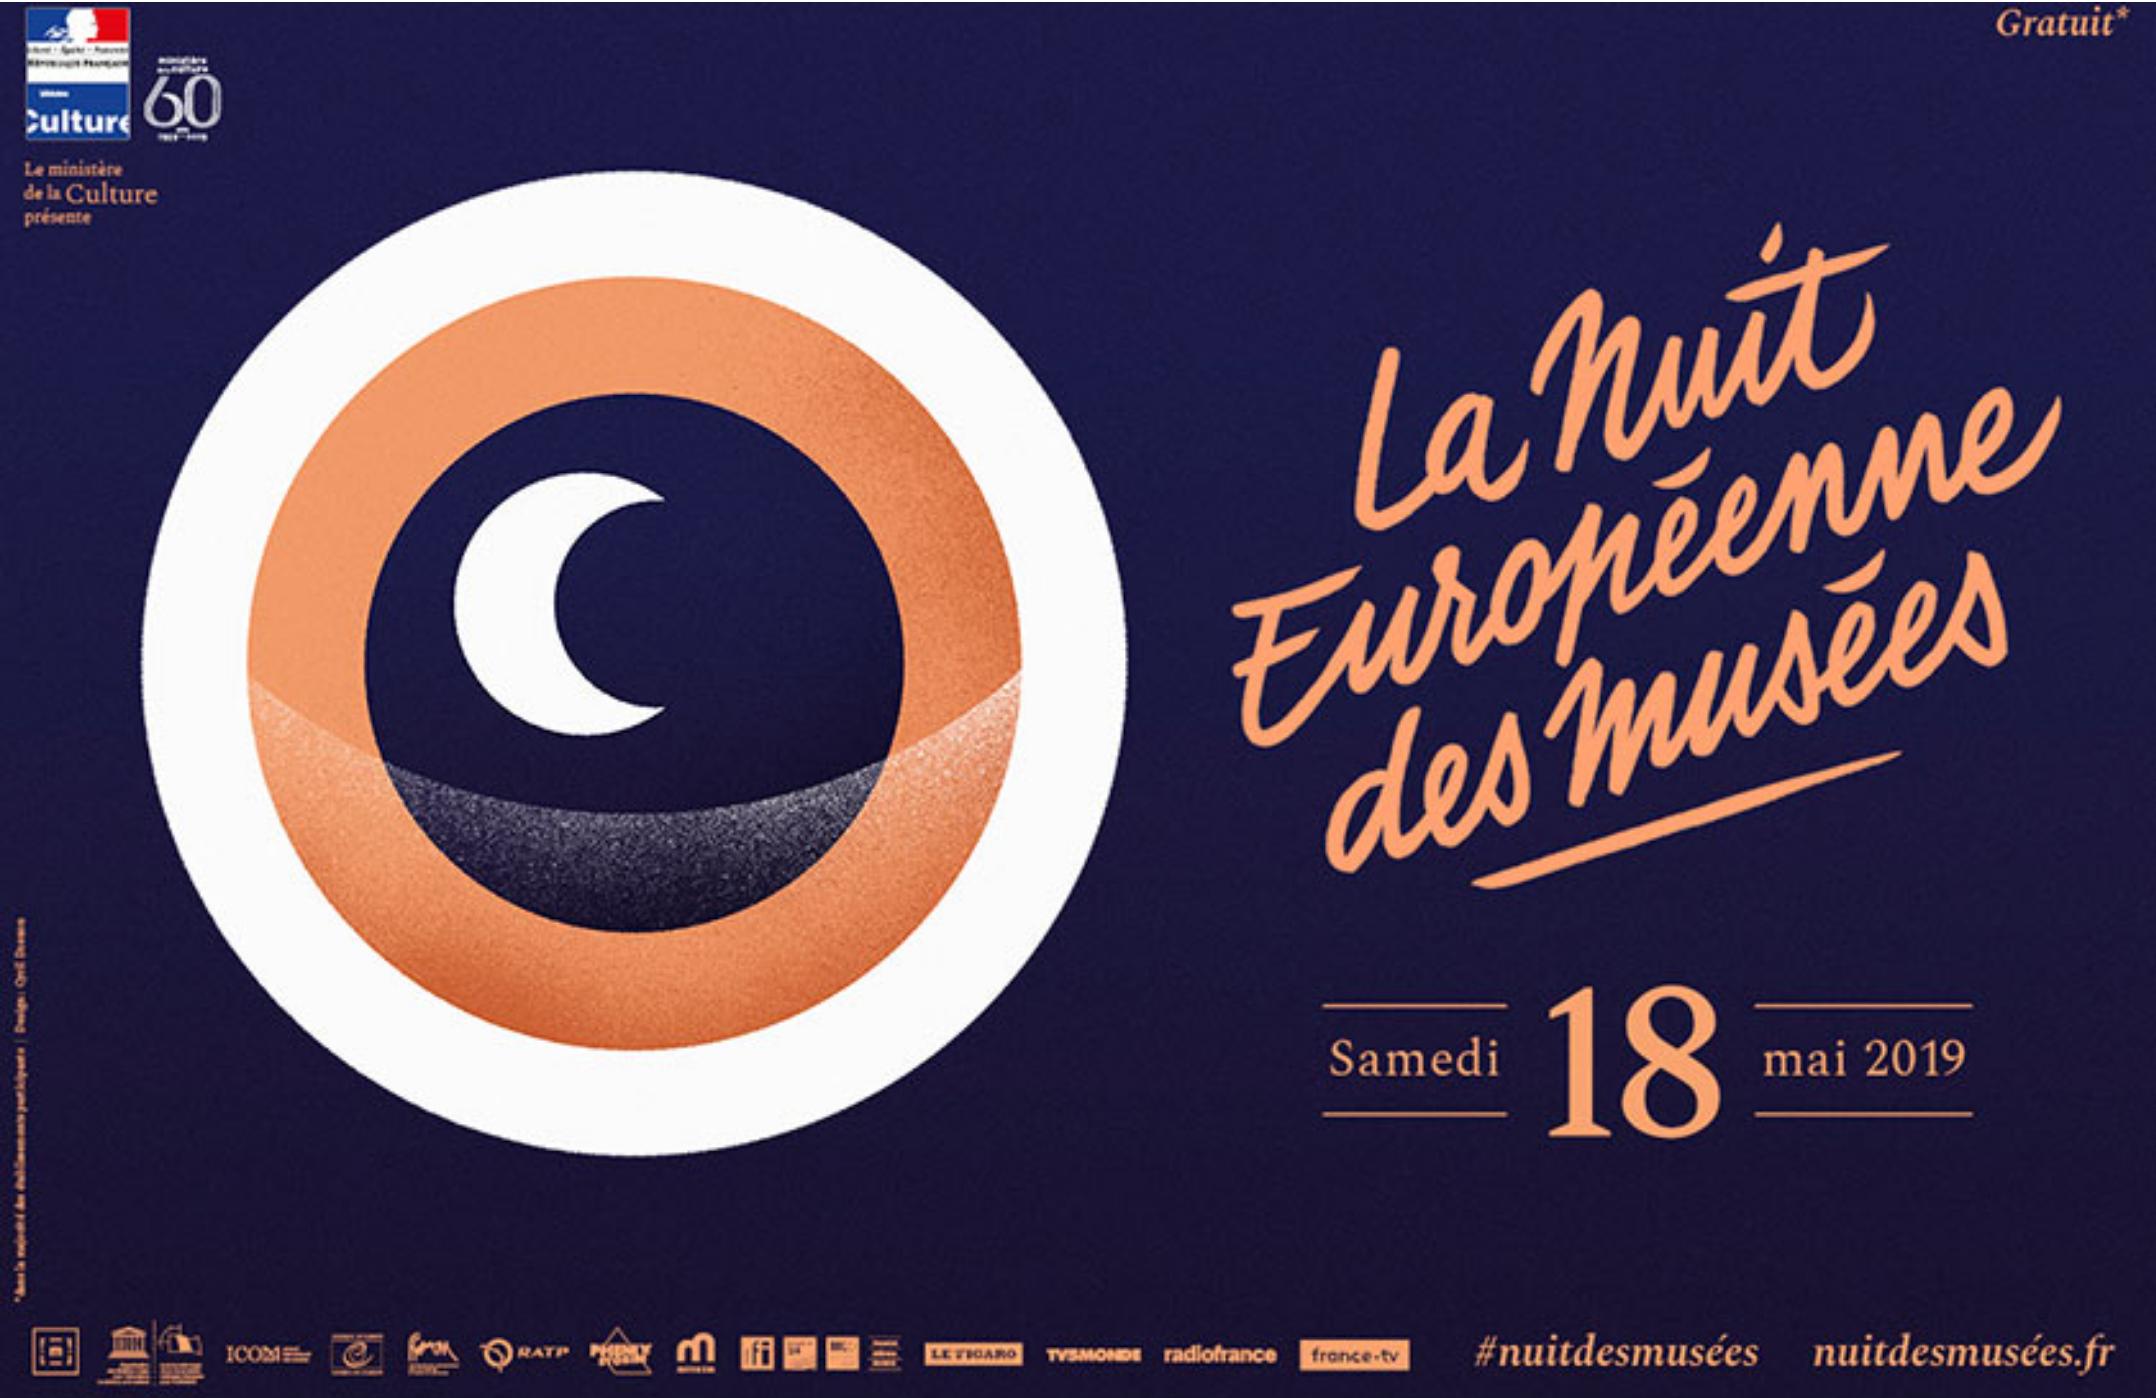 Radio France partenaire de La Nuit européenne des musées